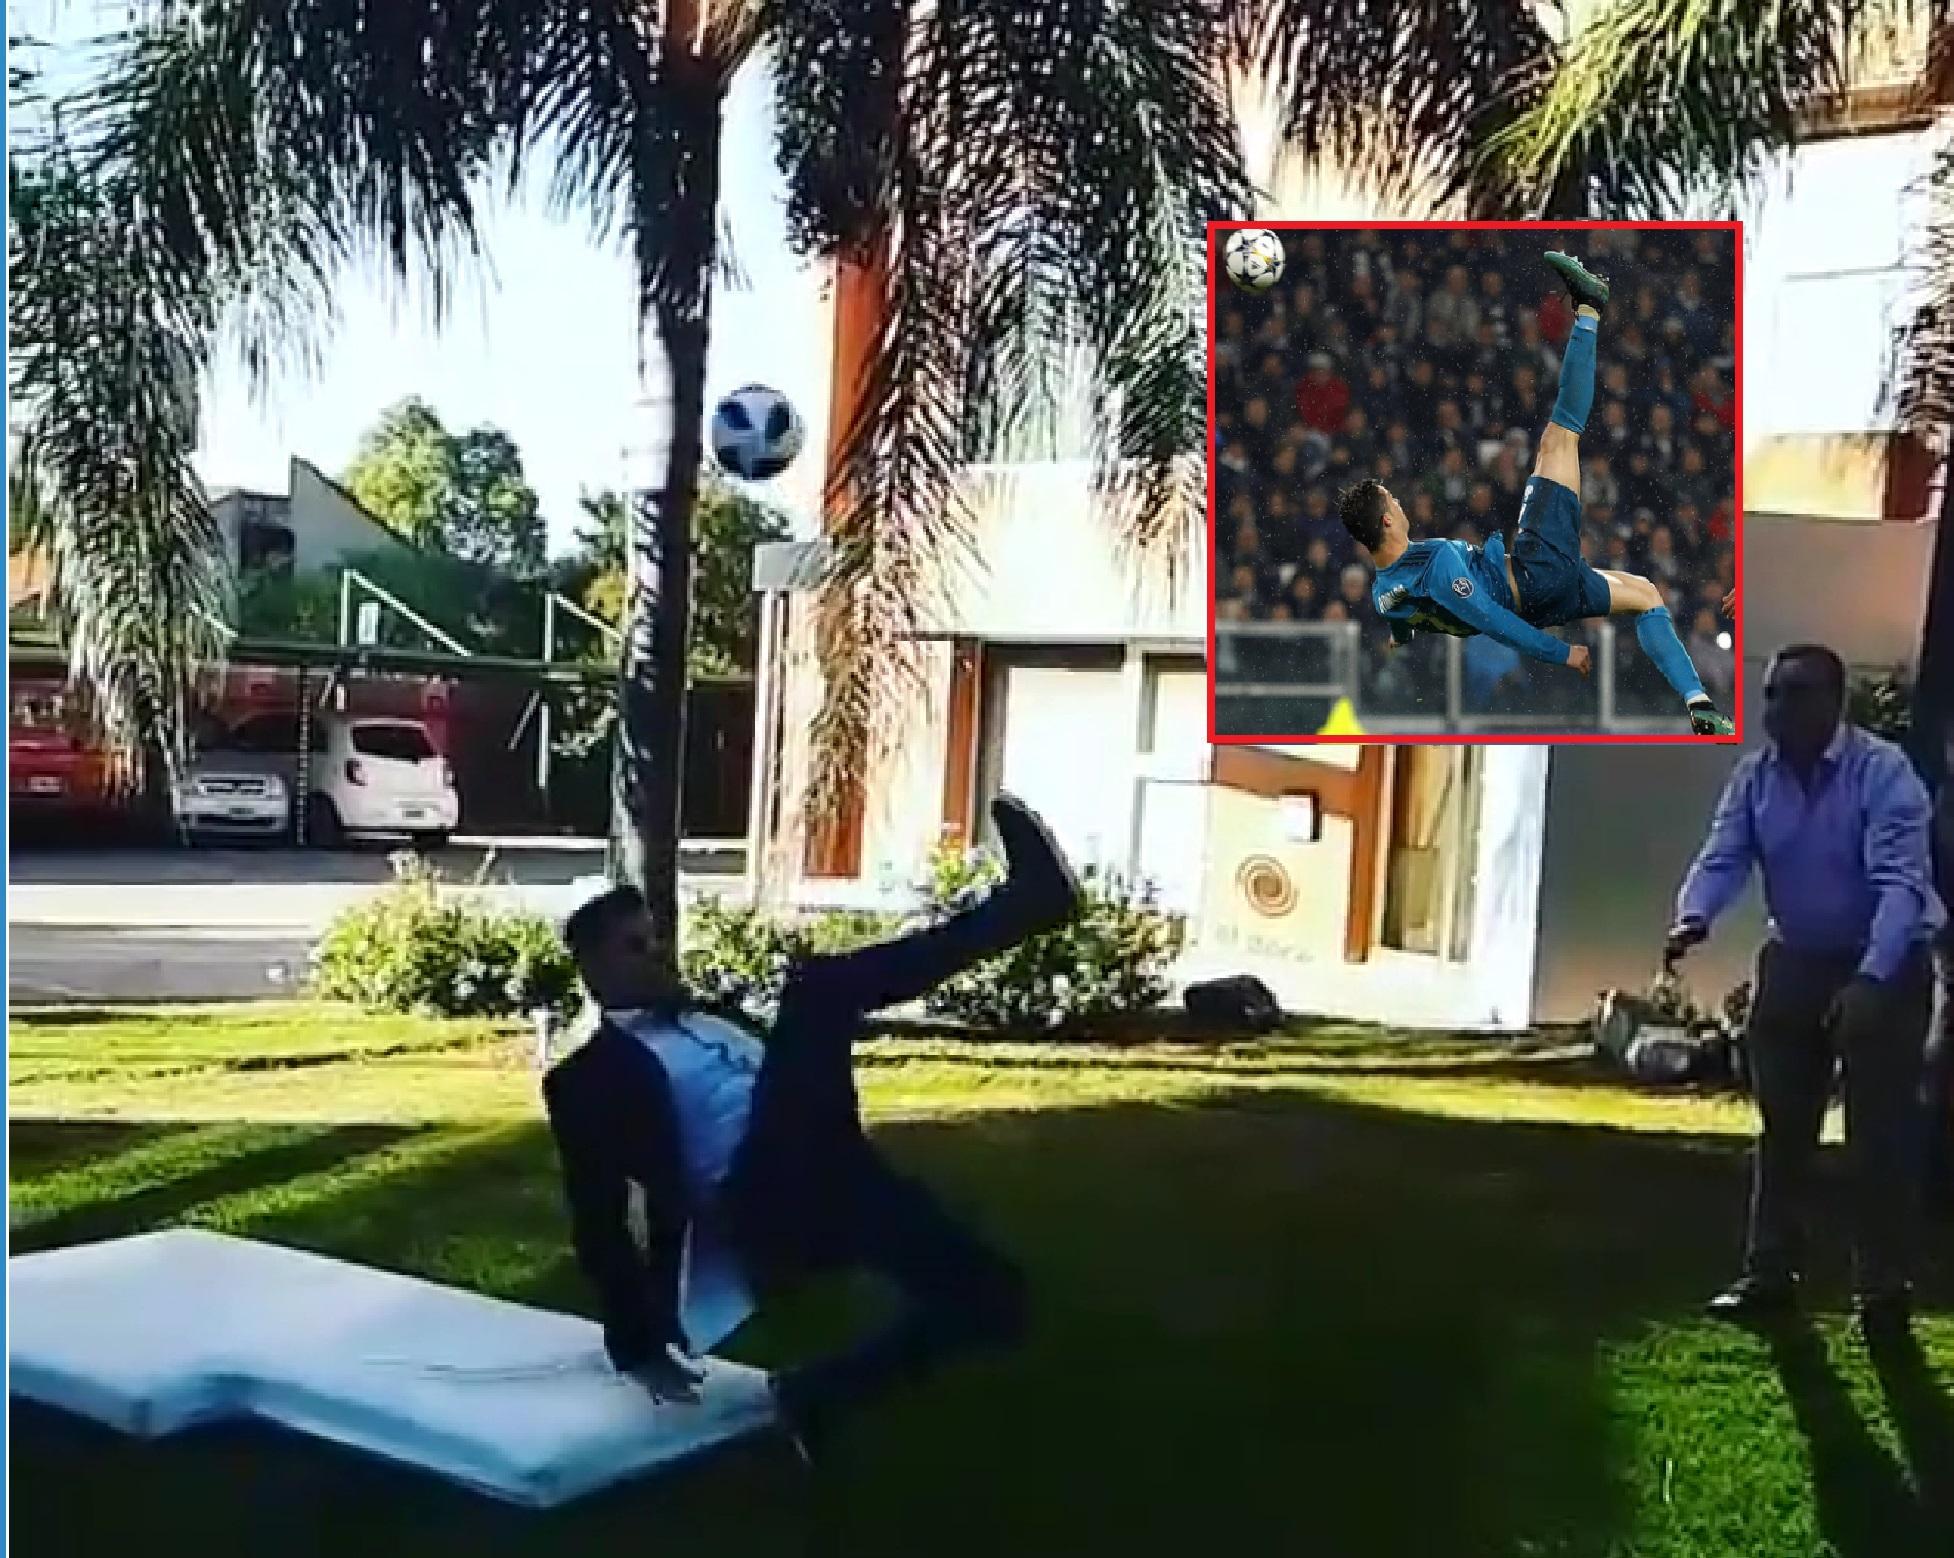 Periodista cordobés terminó enyesado por intentar imitar la chilena de Ronaldo